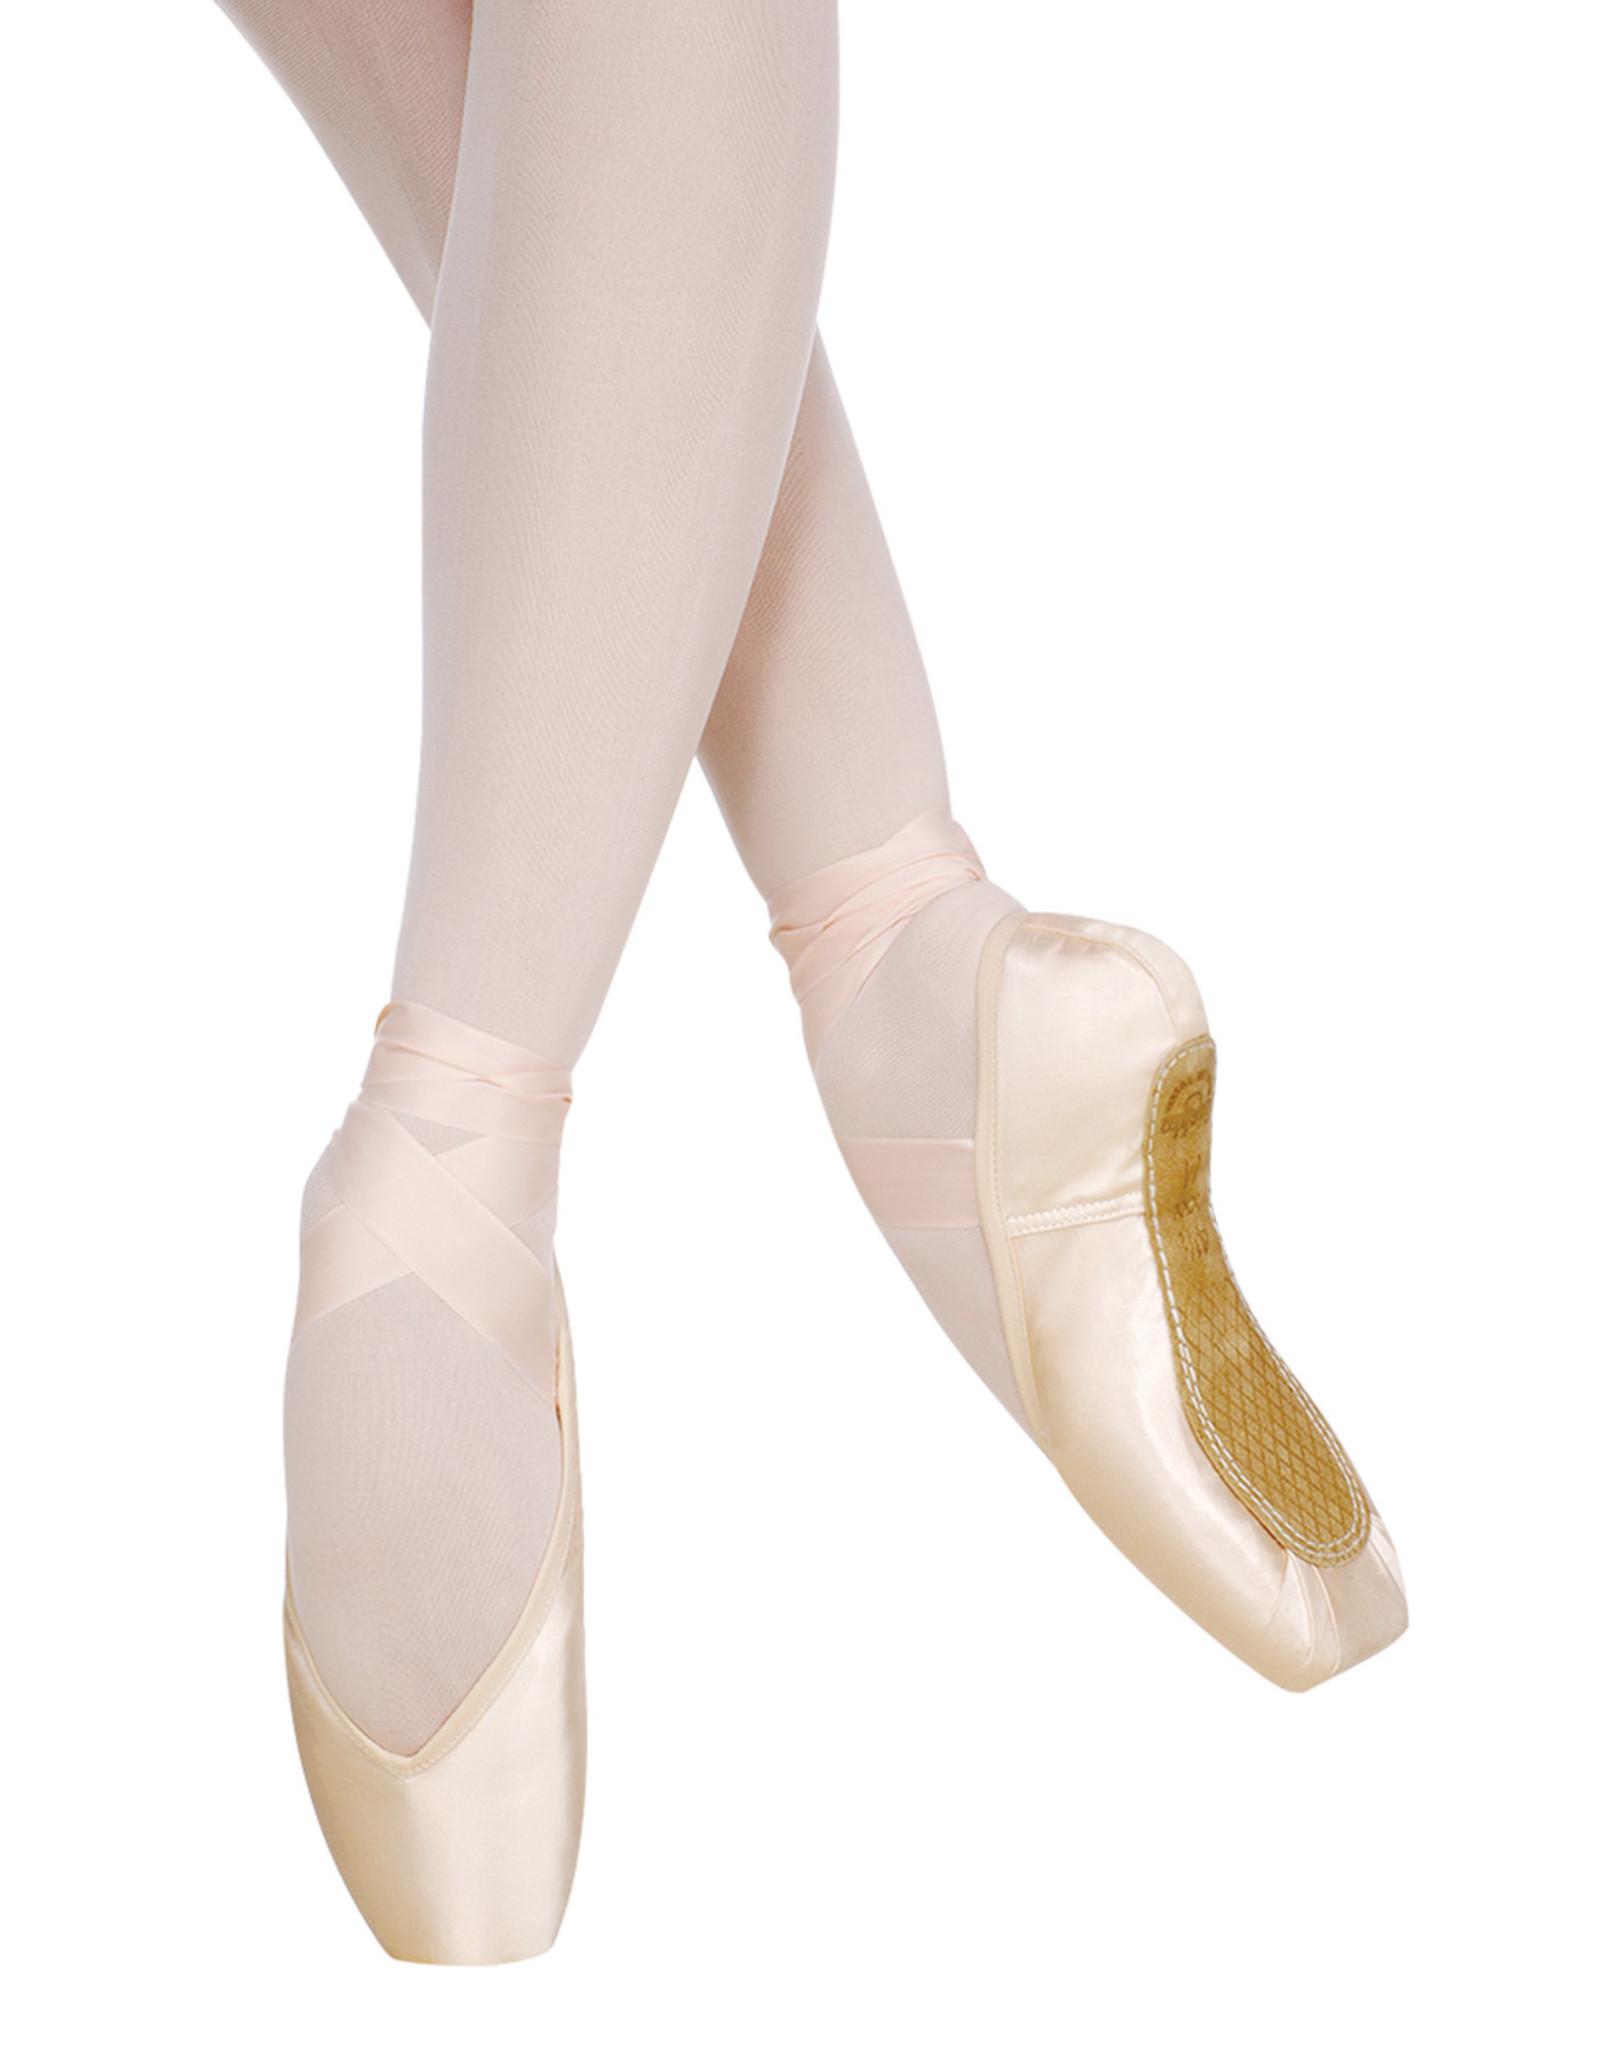 Grishko Grishko Maya 1 Pointe Shoe